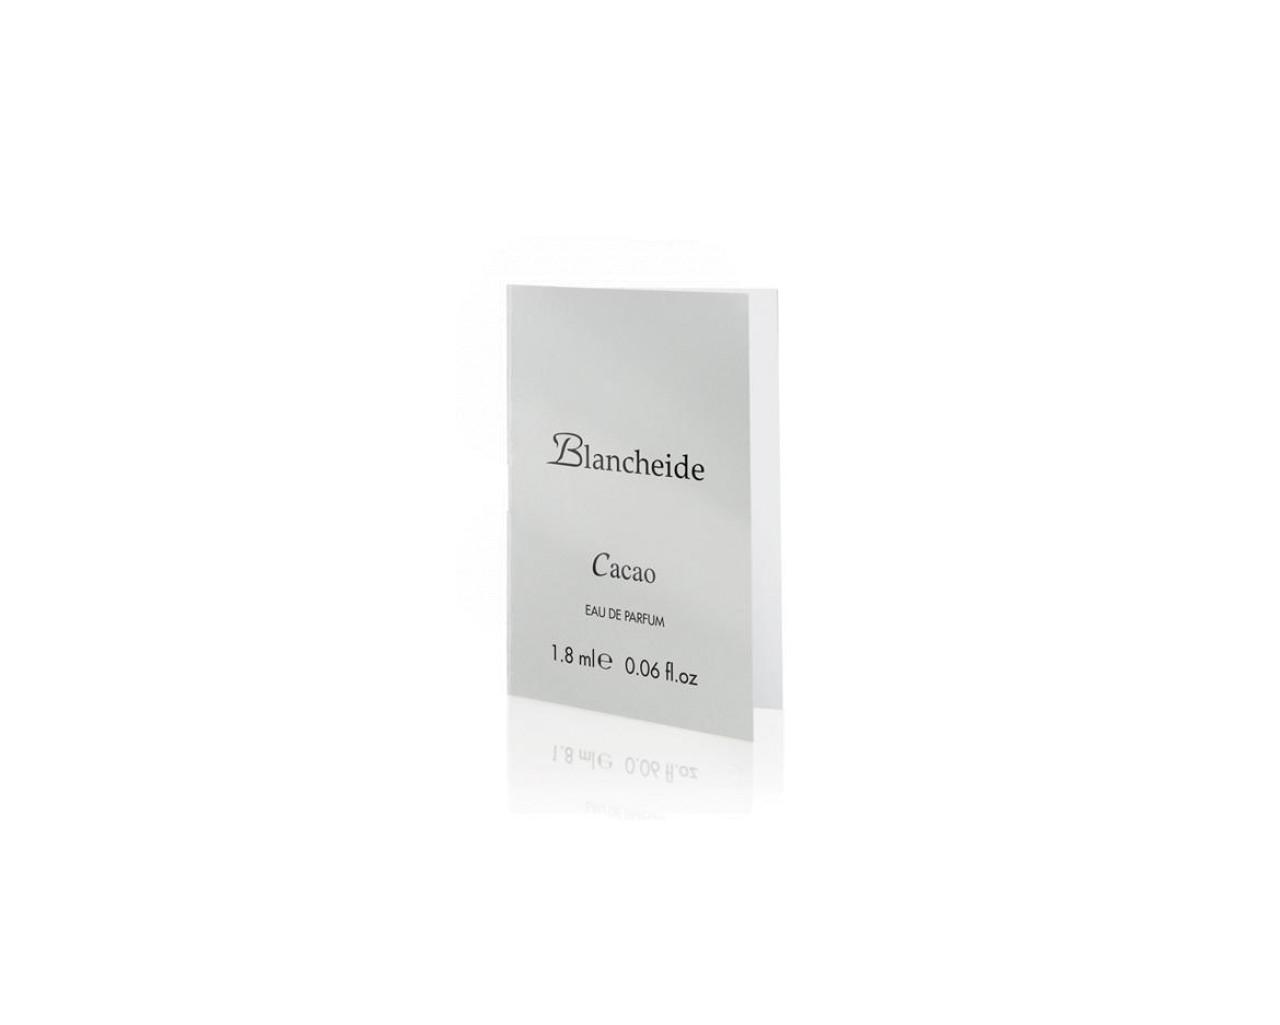 Campioncino Cacao Blancheide EDP 1,8 ml Blancheide BLAS001CA-02